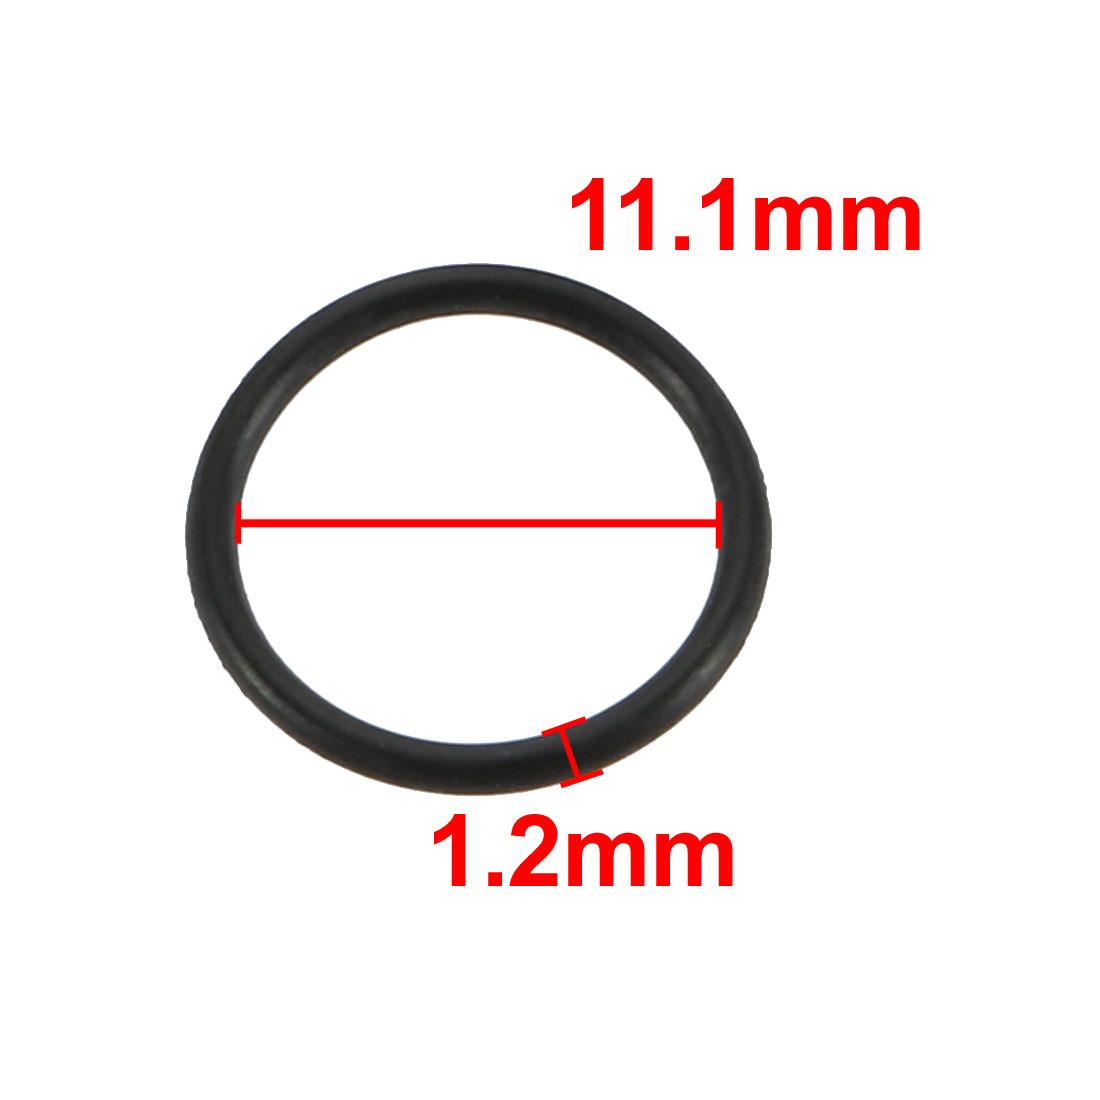 20pcs Black Nitrile Butadiene Rubber NBR O-Ring 11.1mm Inner Dia 1.2mm Width - image 1 of 2